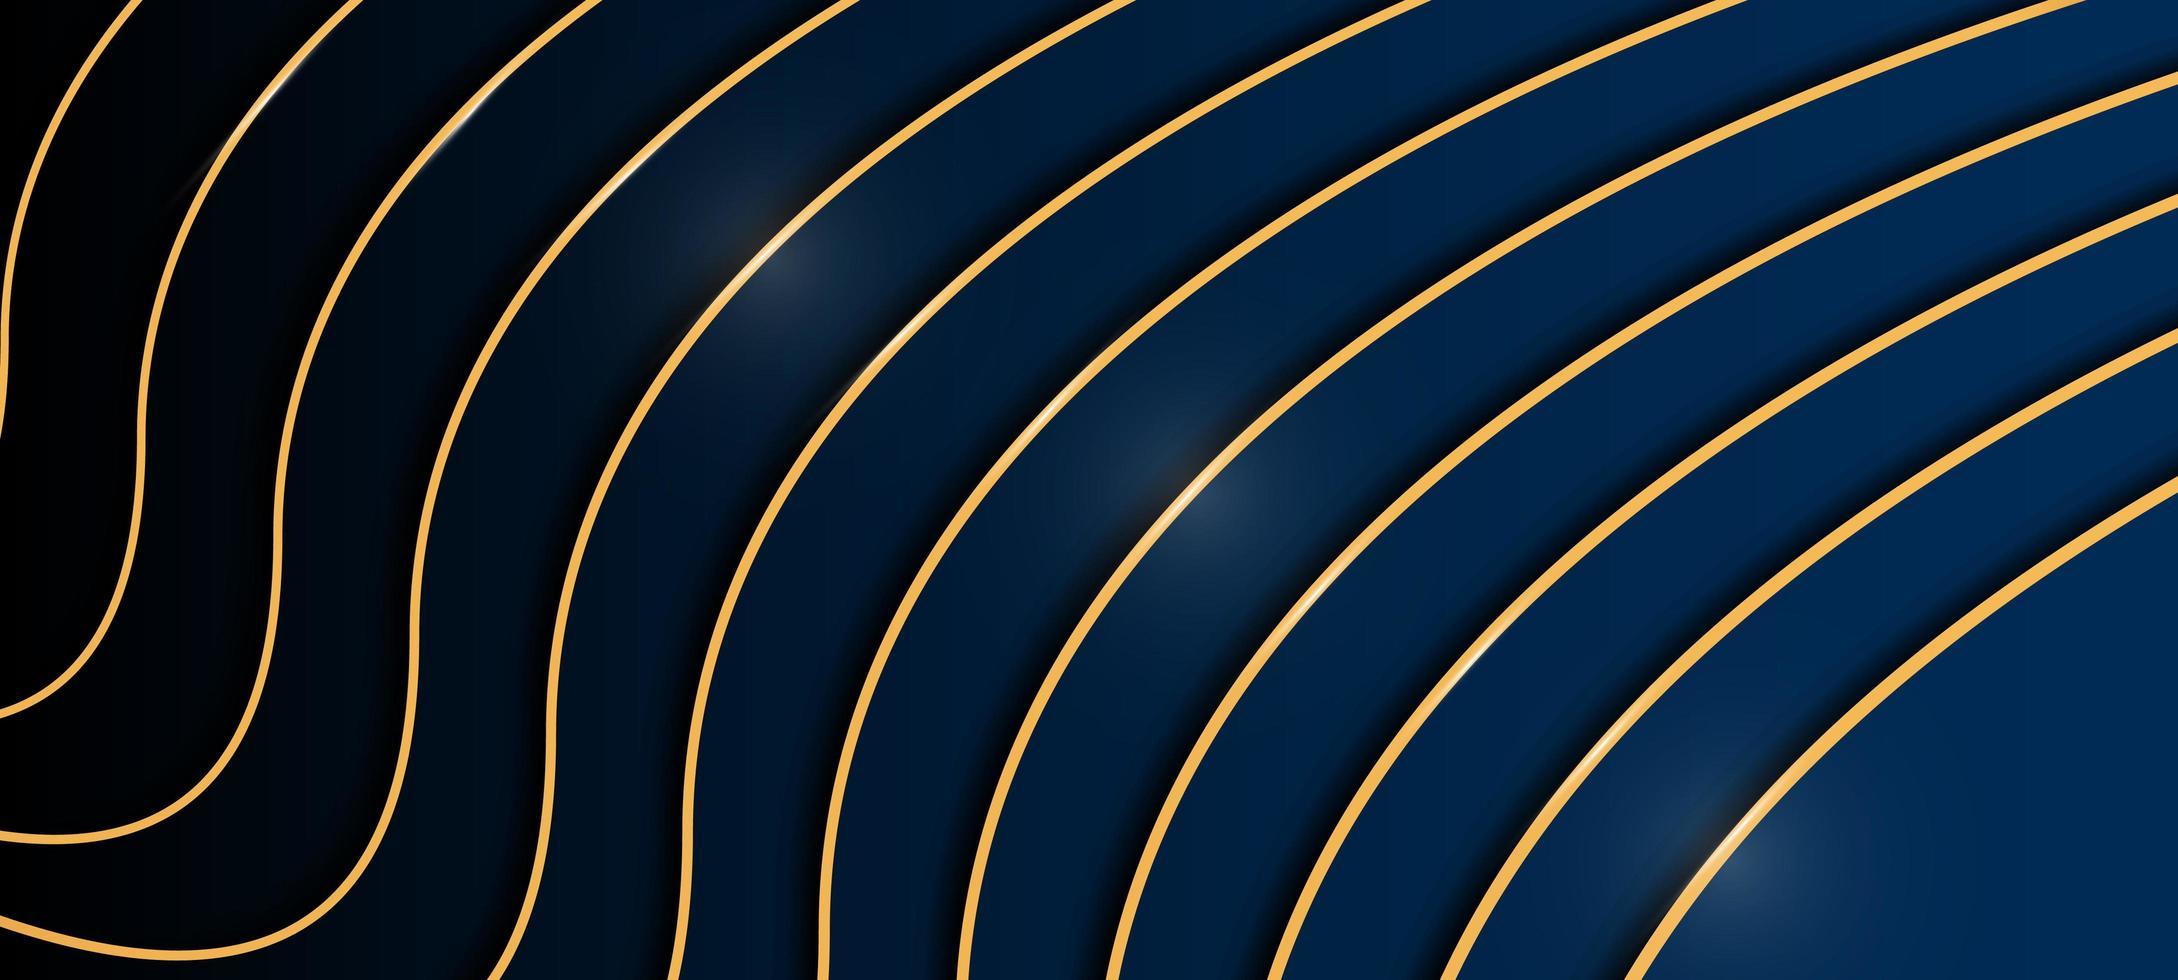 Elegant blå och svart bakgrund med guldlinjer vektor